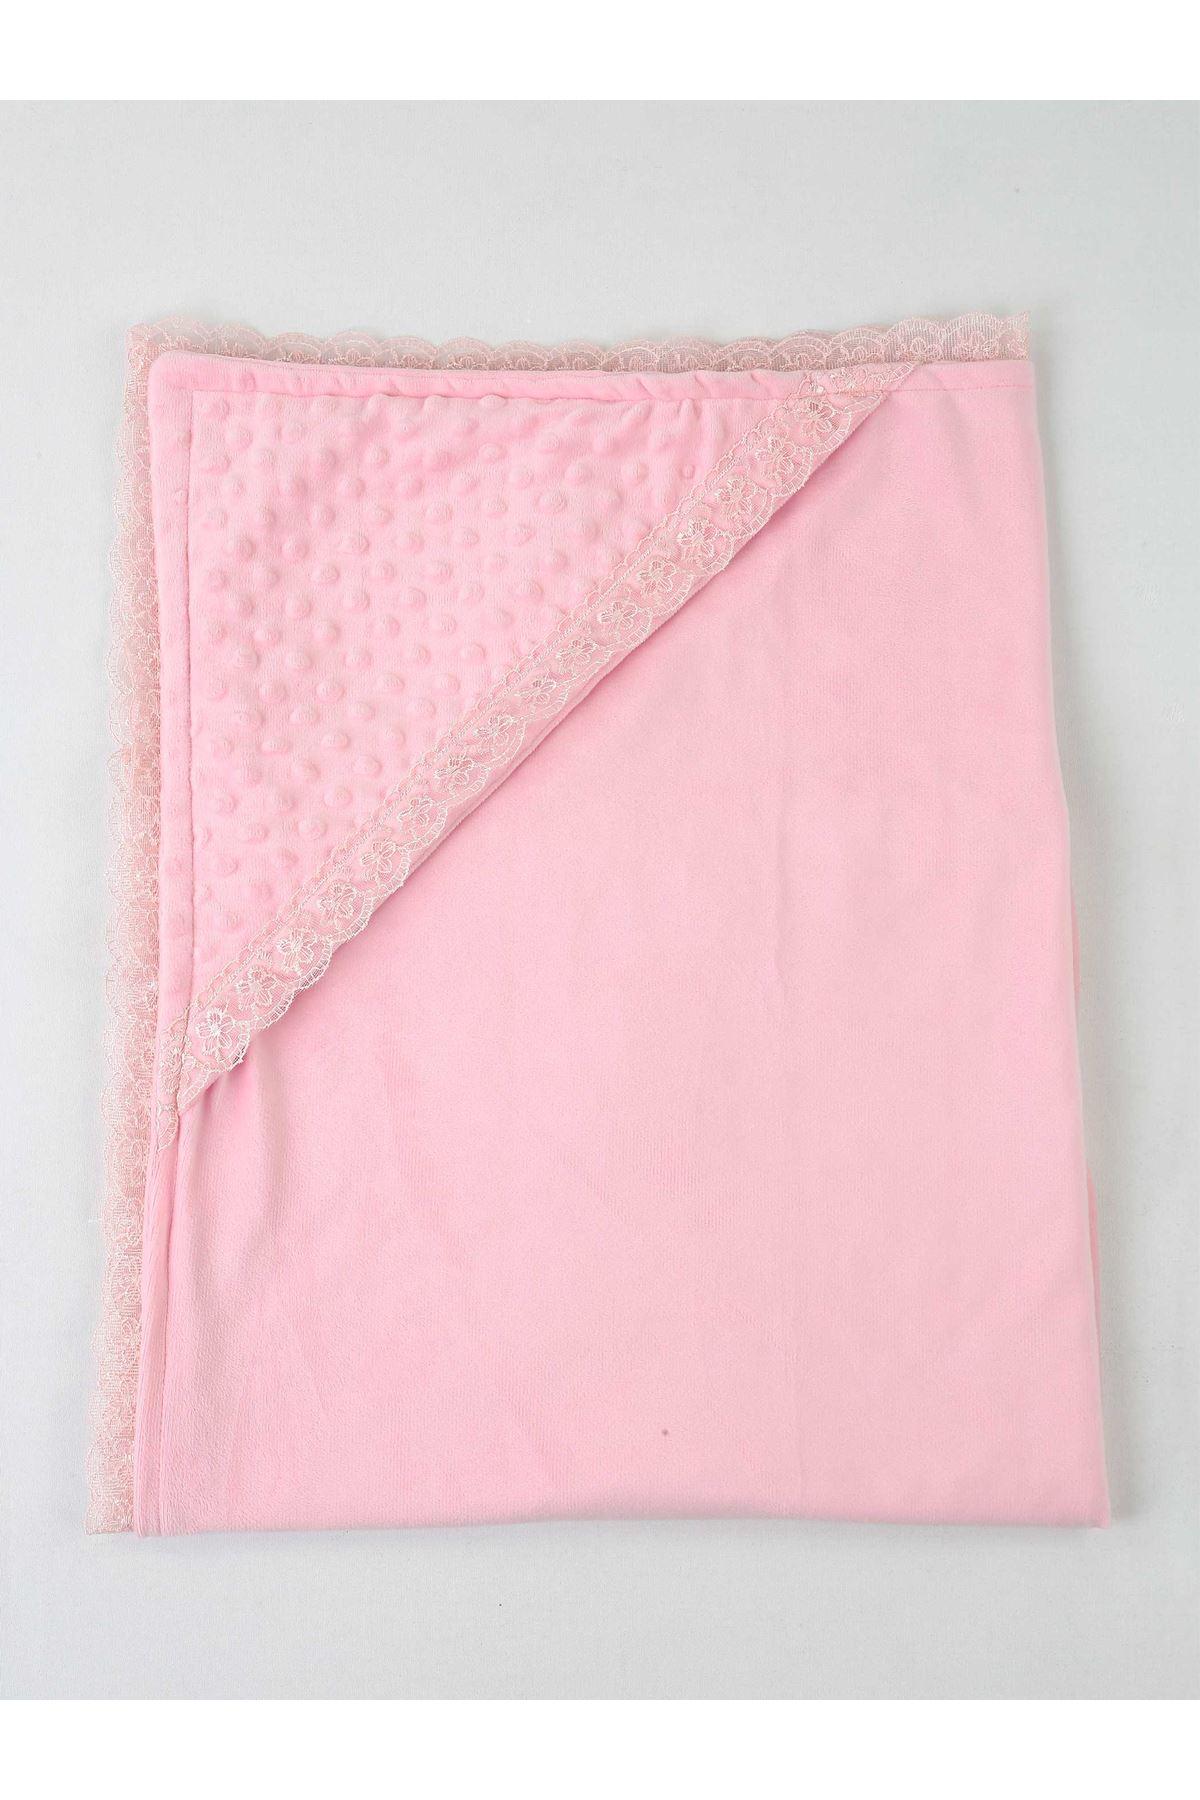 Pembe 85X85 cm Kız Bebek Kundak Battaniye